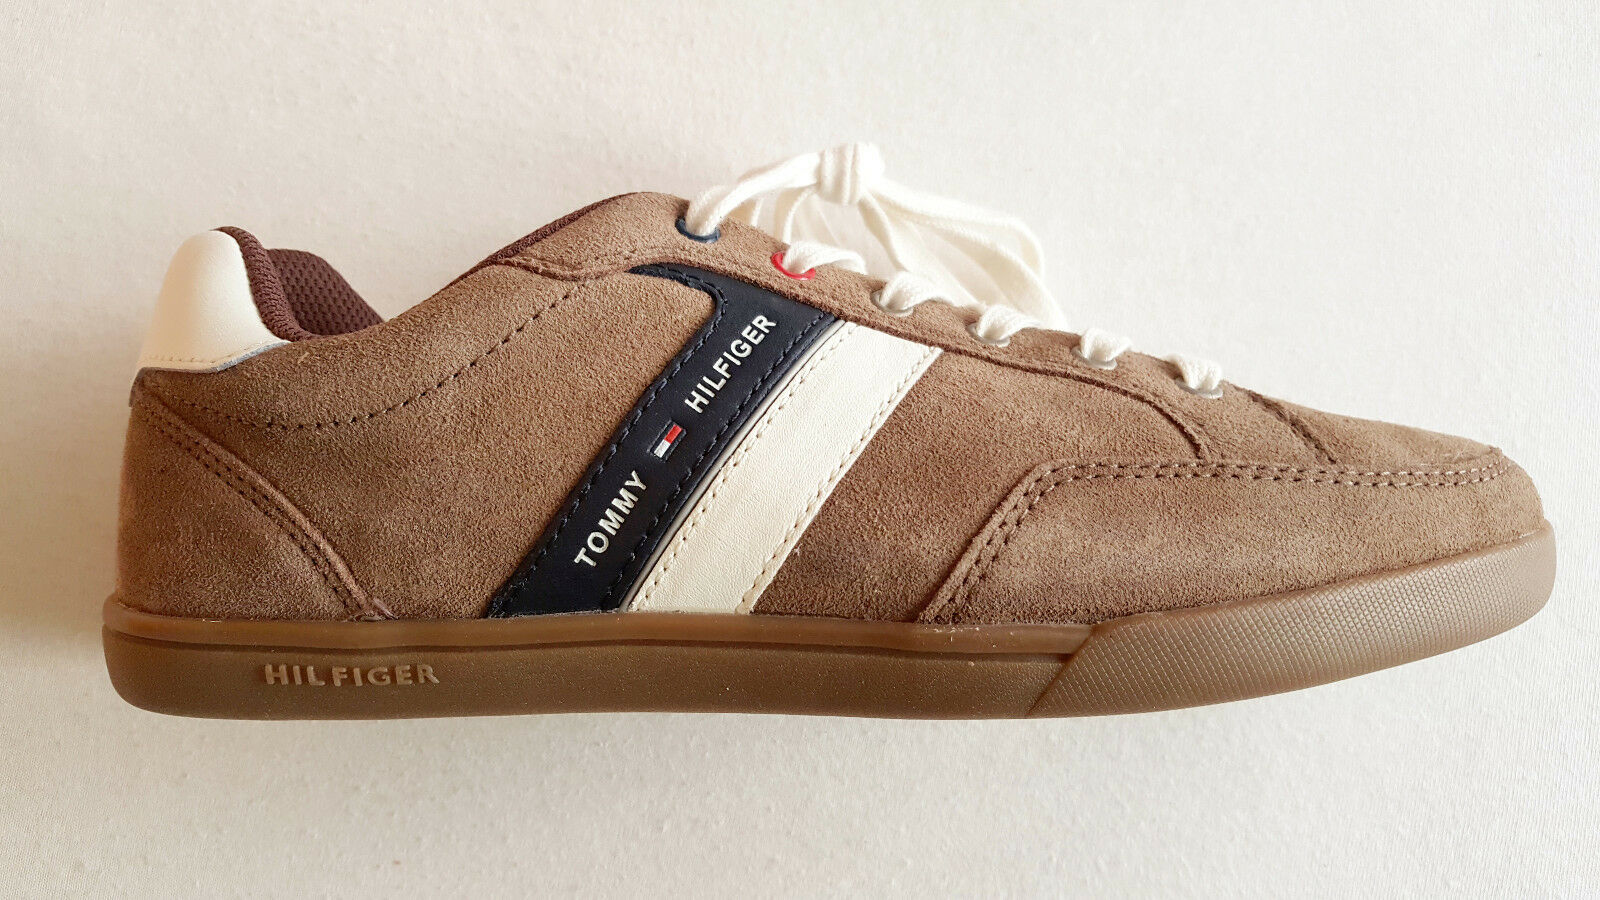 Hilfiger Sneaker, Farbe Hellbraun, Gr.41, Neu